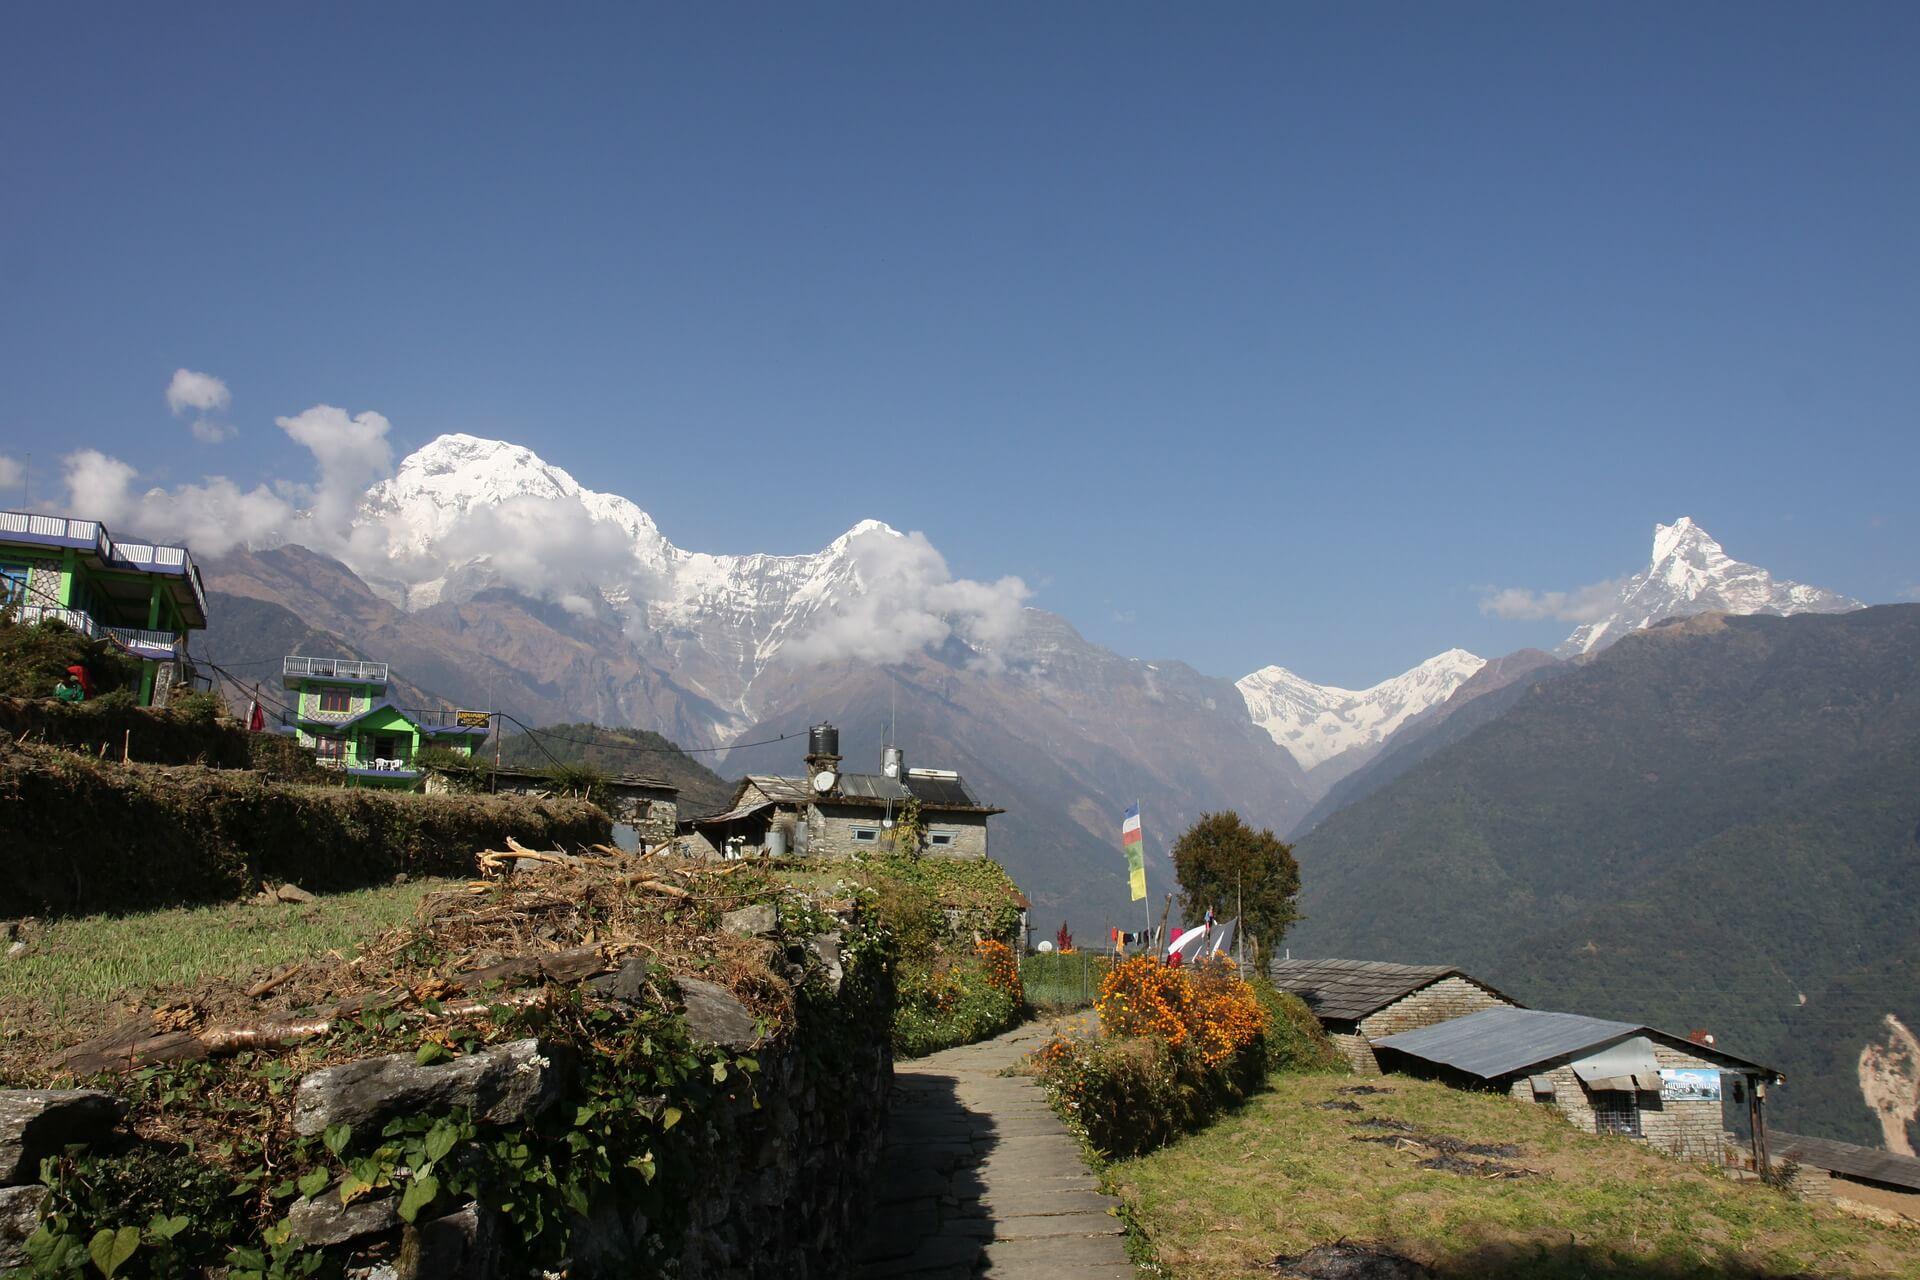 Annapurna Trekking Route